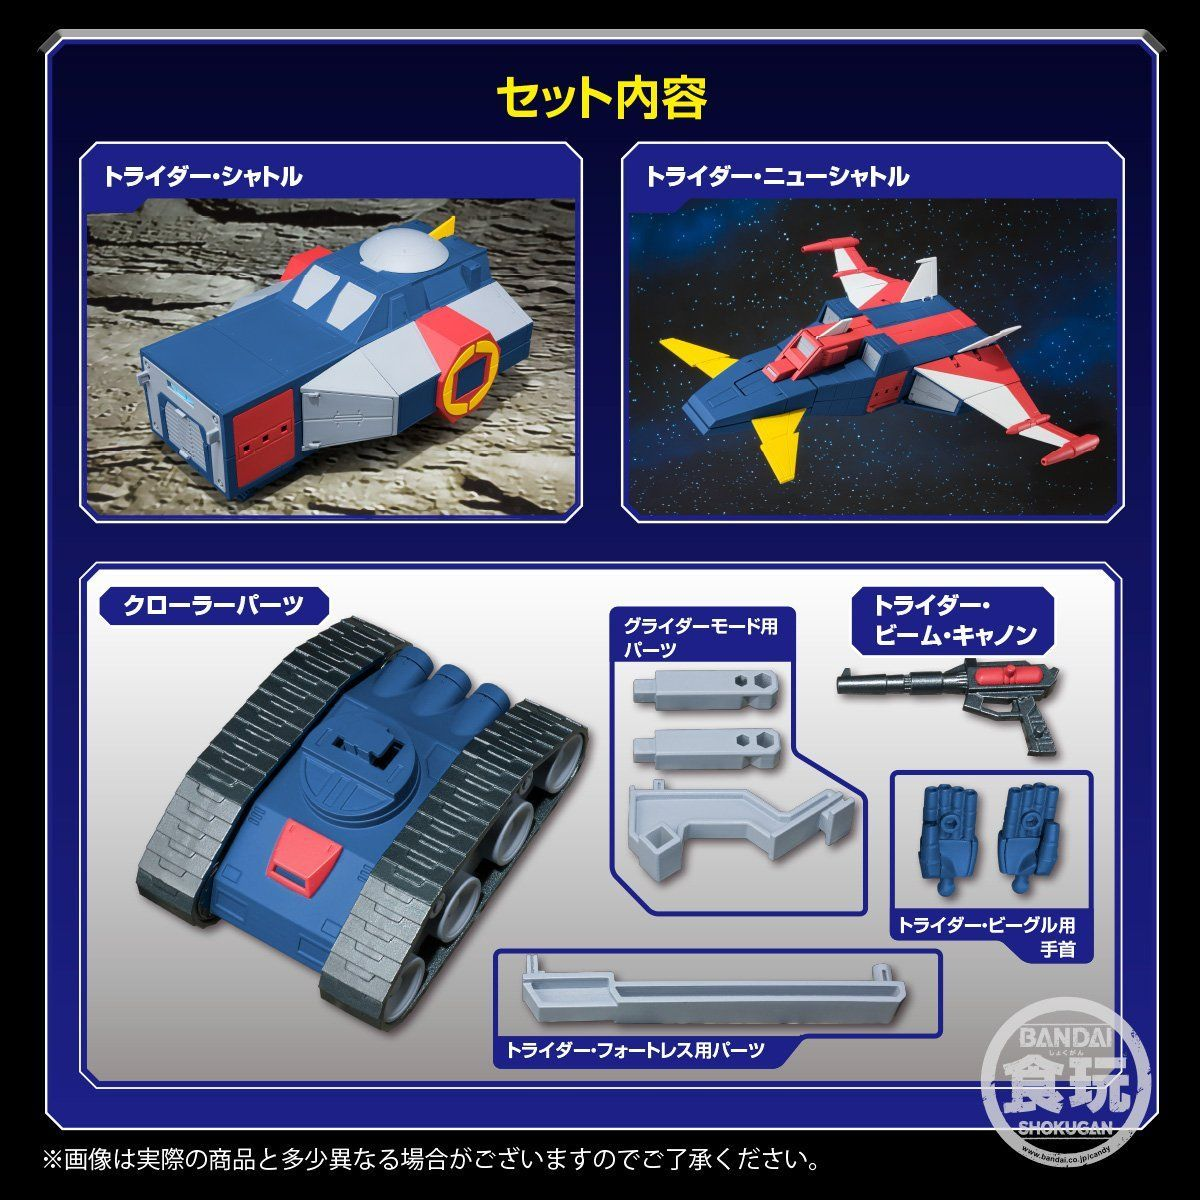 スーパーミニプラ 無敵ロボ トライダーG7 トライダー・シャトル&トライダー・ニューシャトルセット【PB限定】_2